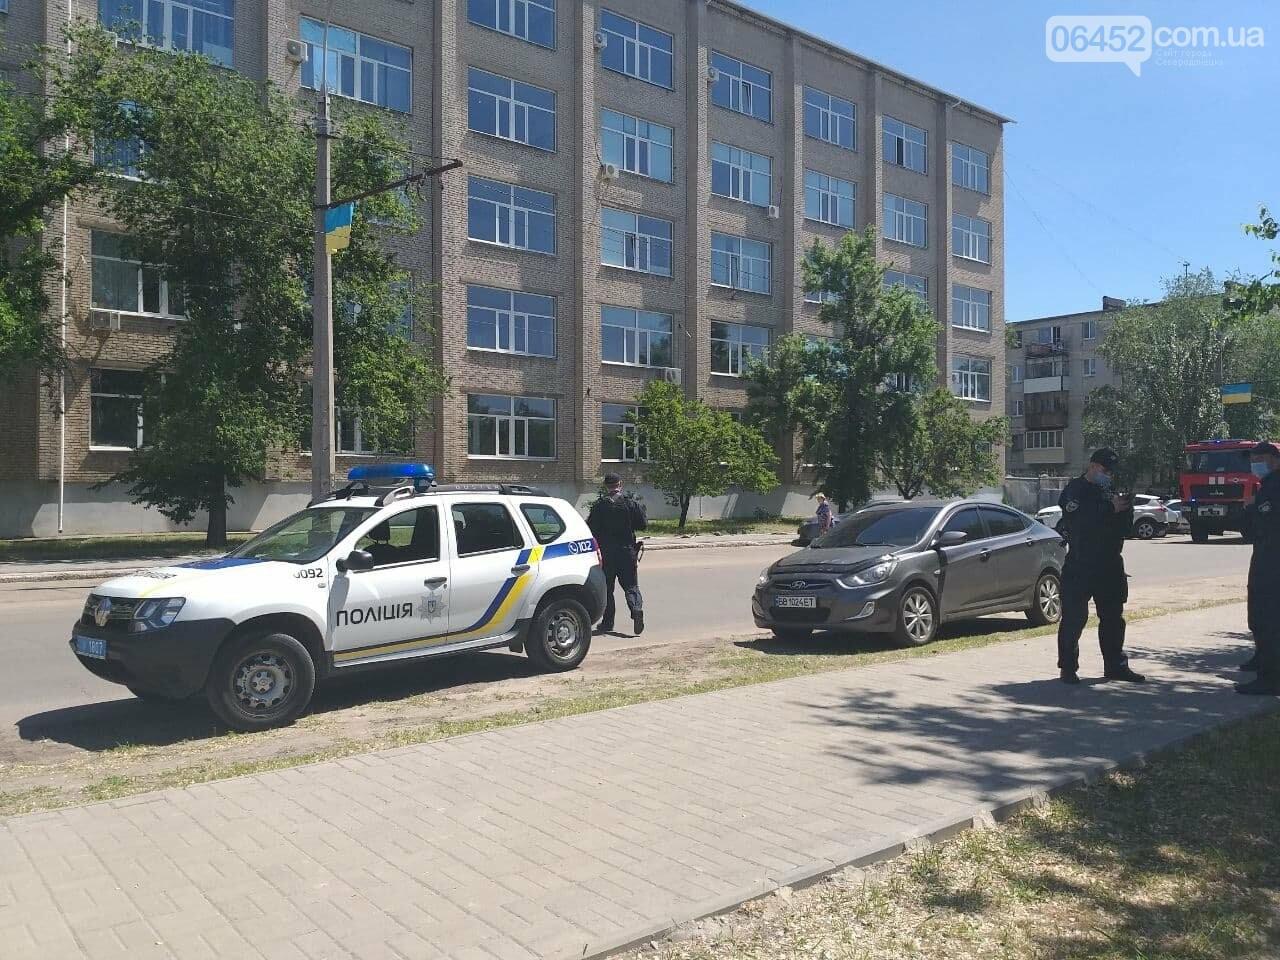 В Северодонецке неизвестный сообщил о минировании корпусов двух университетов (фото), фото-9